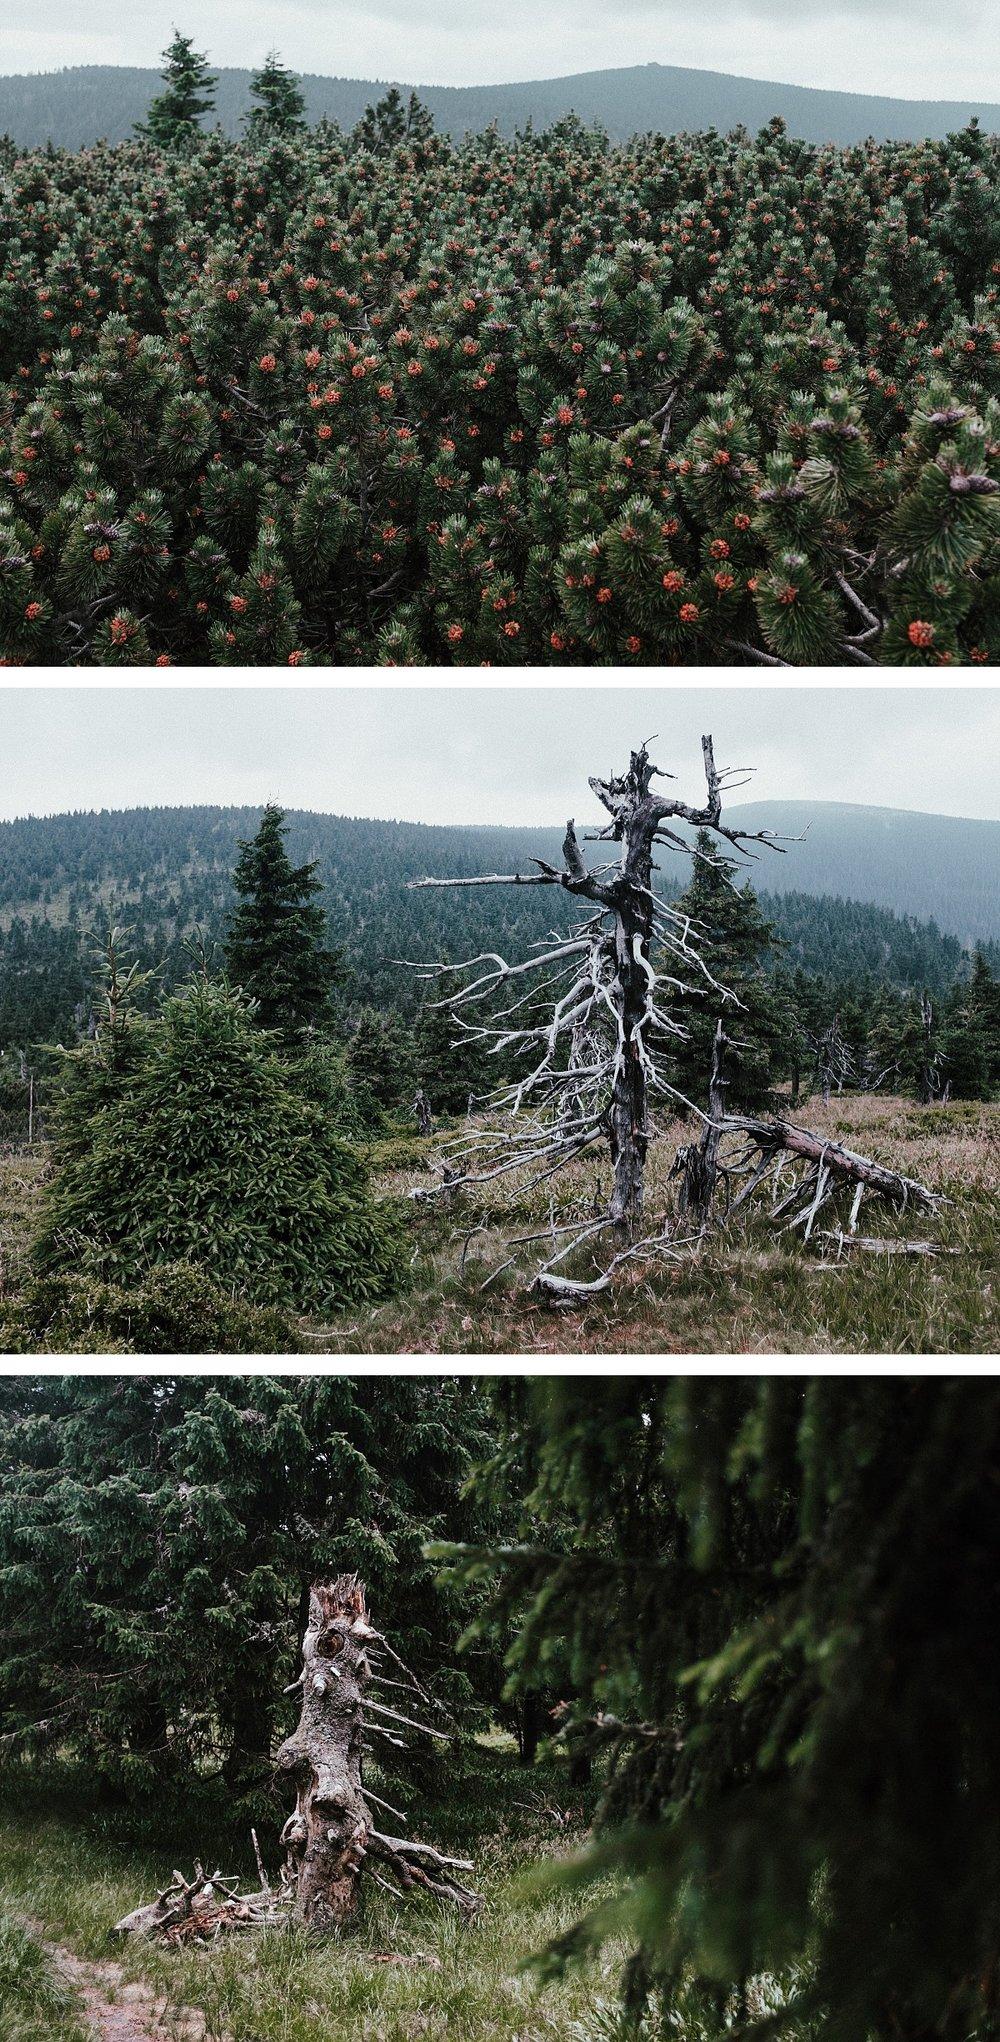 2018-06-20_0048.jpg